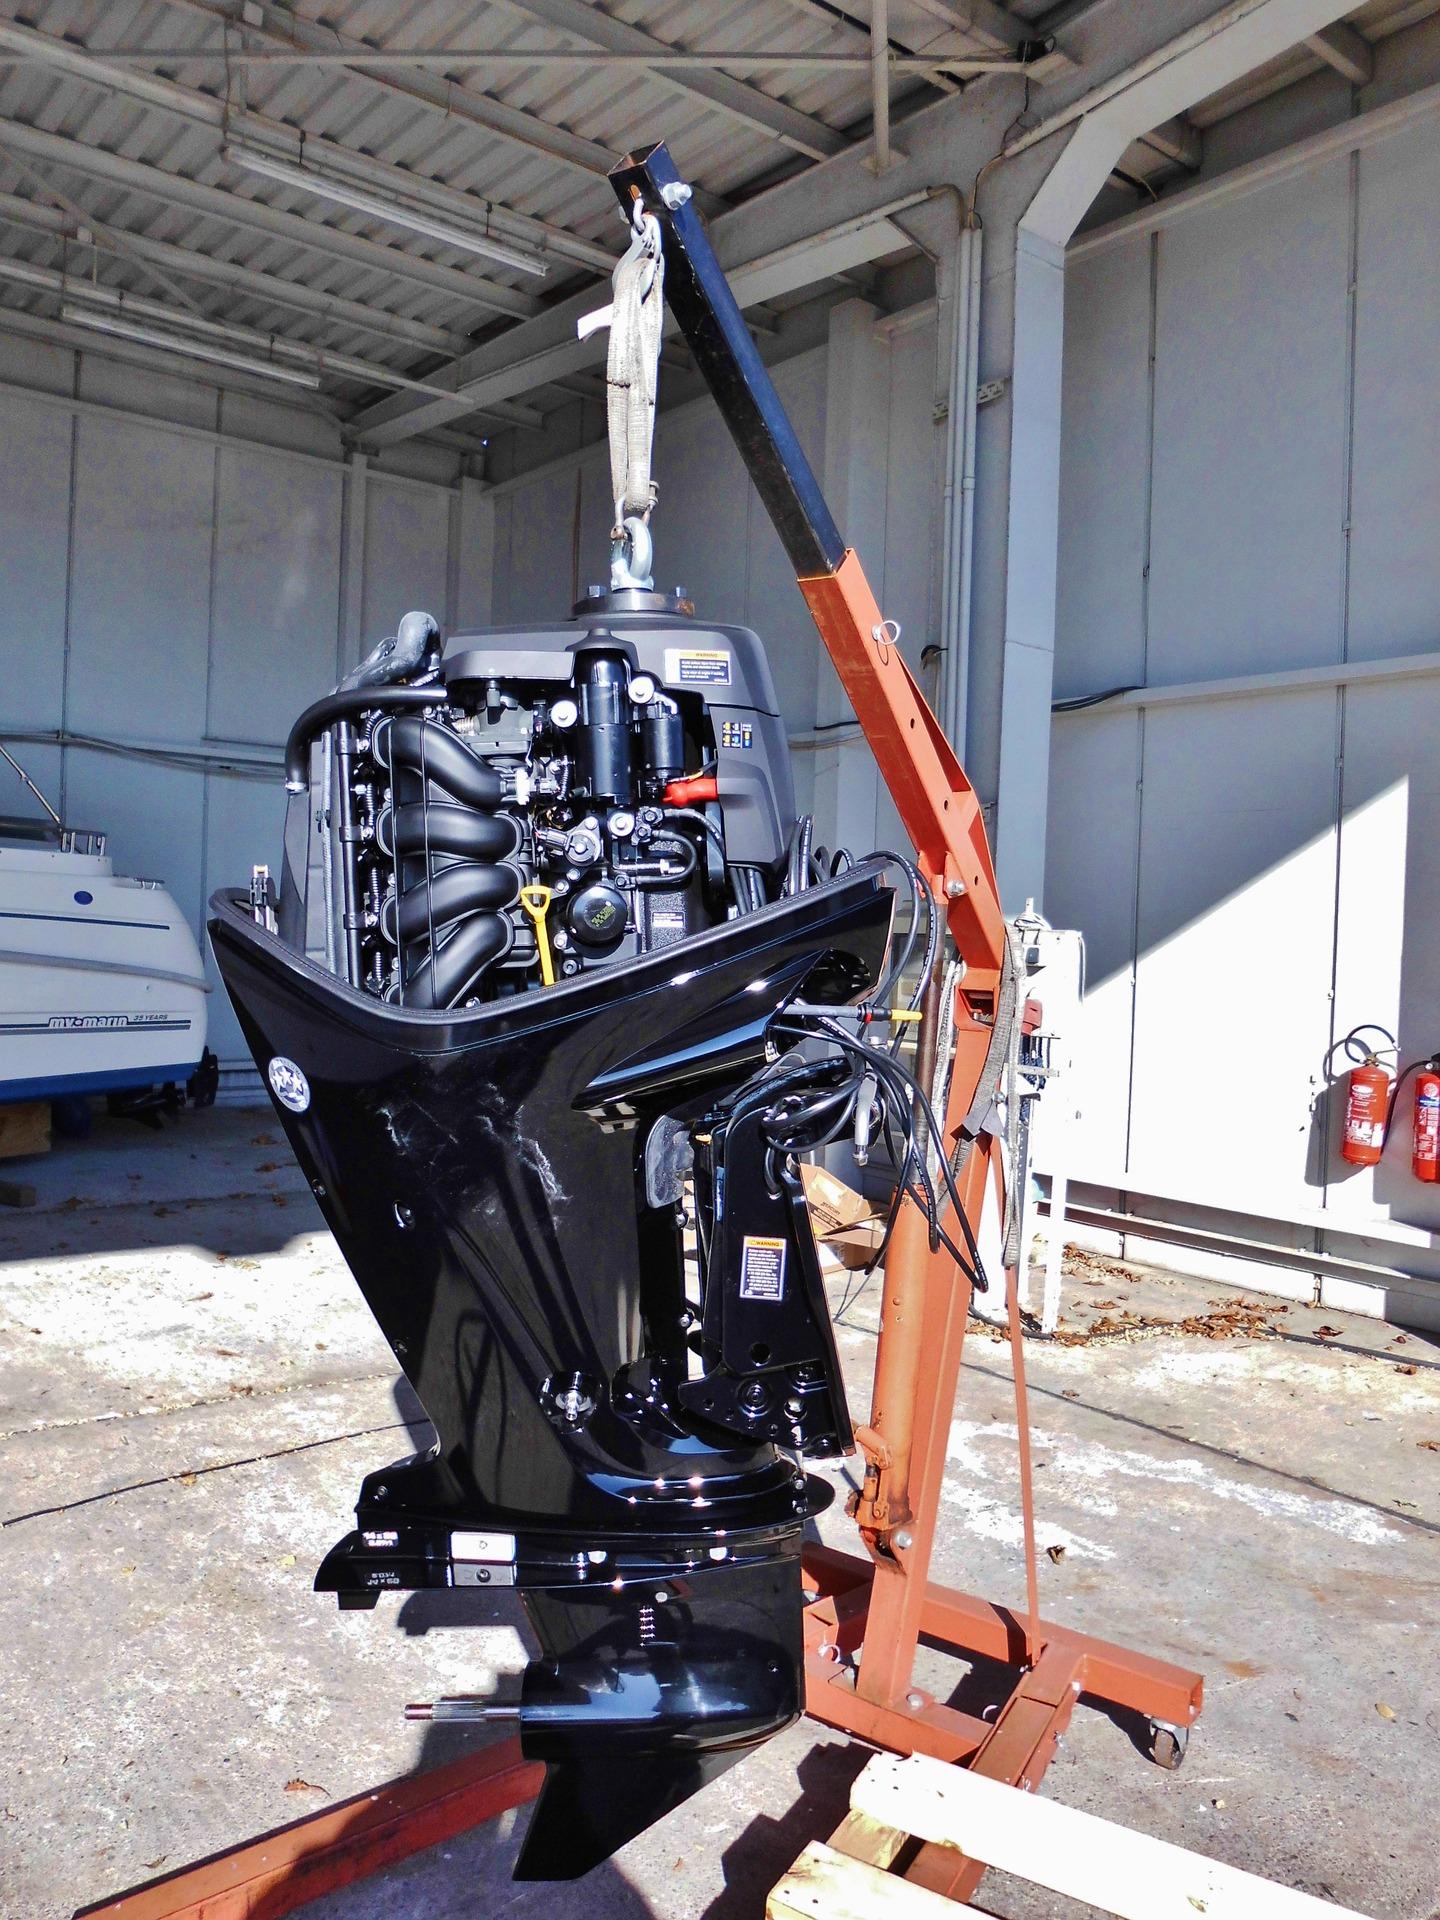 entretien d'un moteur hors-bord hivernage de bateau